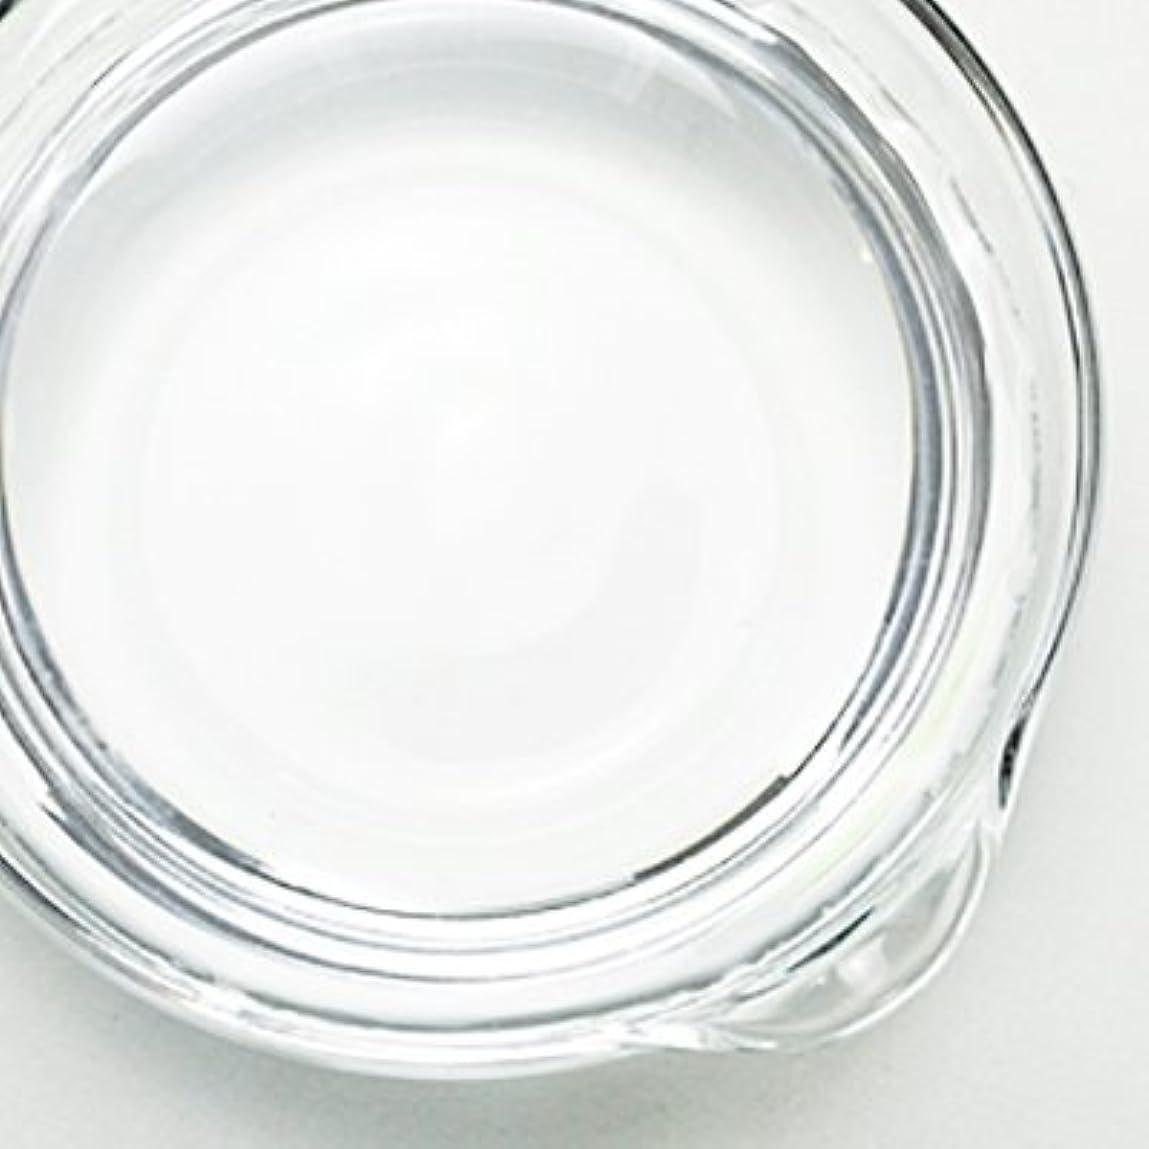 健全時折ペダル1,3-ブチレングリコール[BG] 250ml 【手作り石鹸/手作りコスメ】